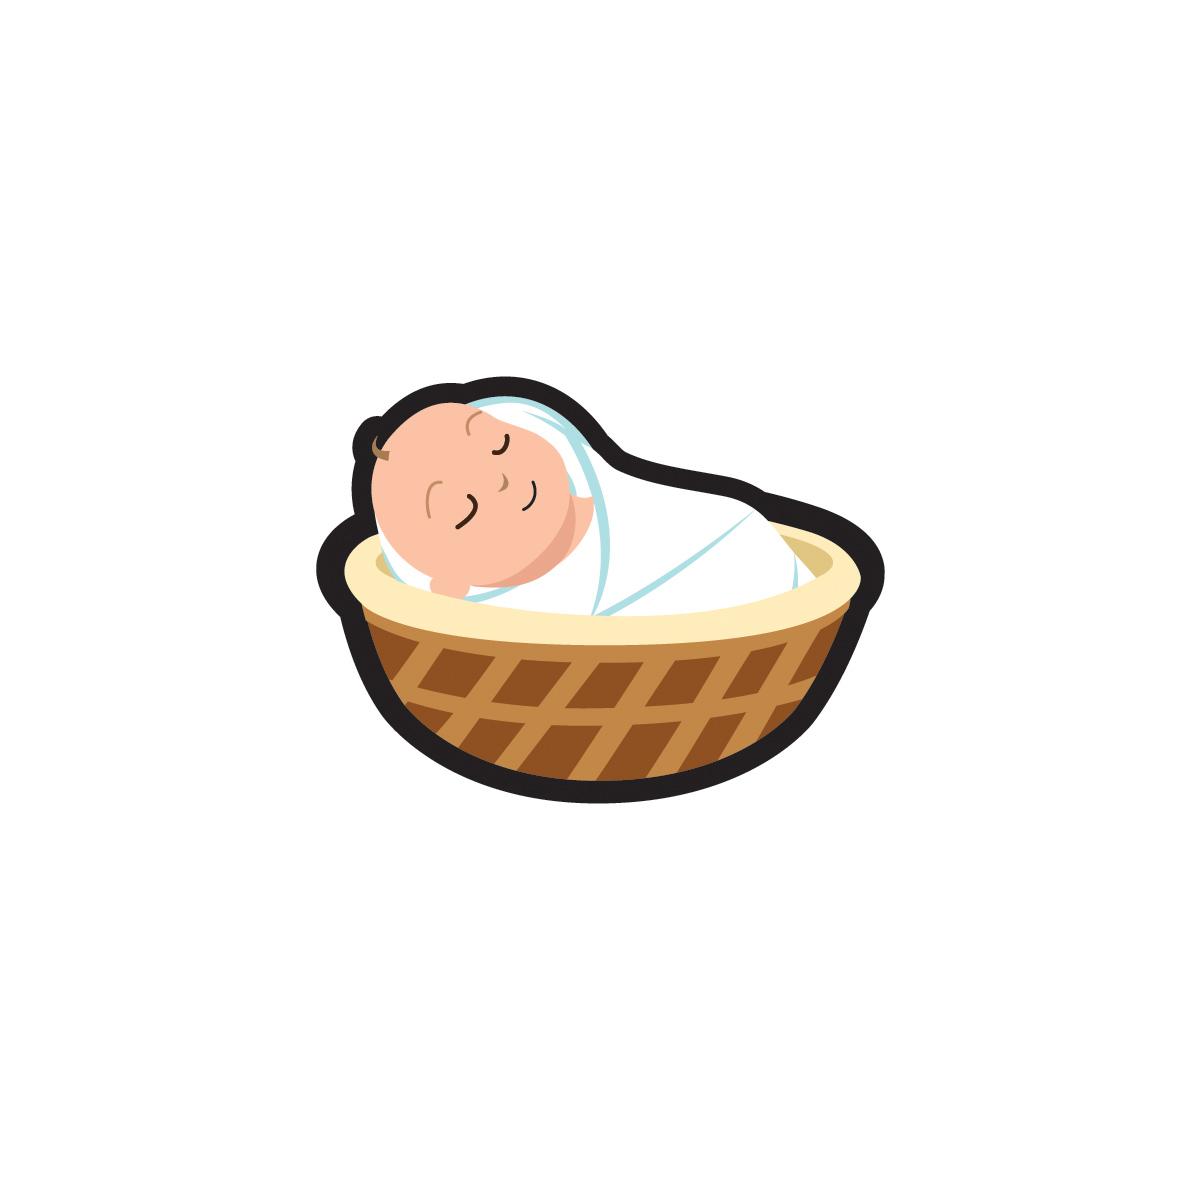 Infant clipart basket, Infant basket Transparent FREE for.